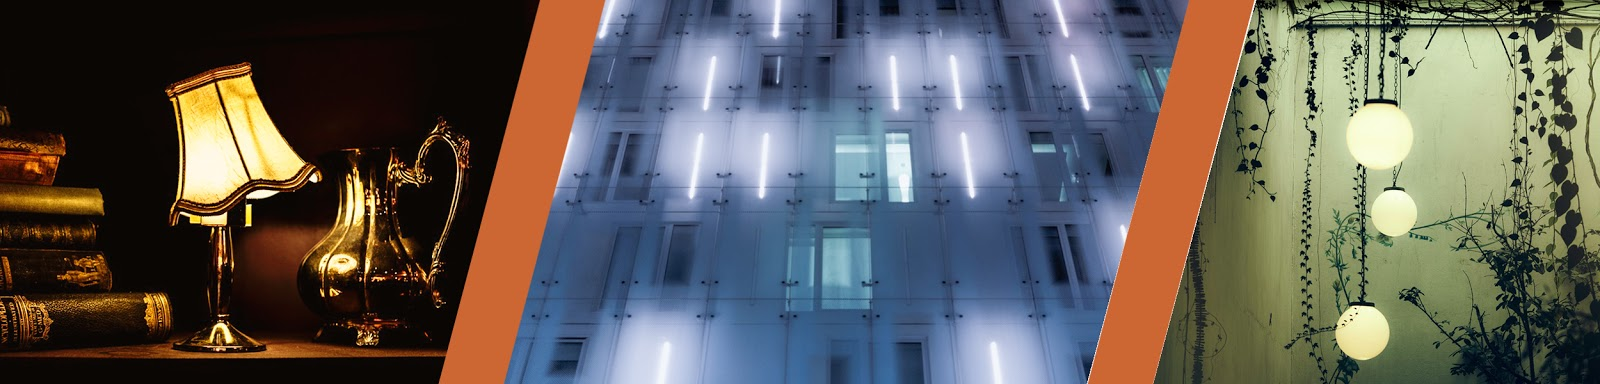 Licht kann unterschiedliche Farbtemperaturen haben.